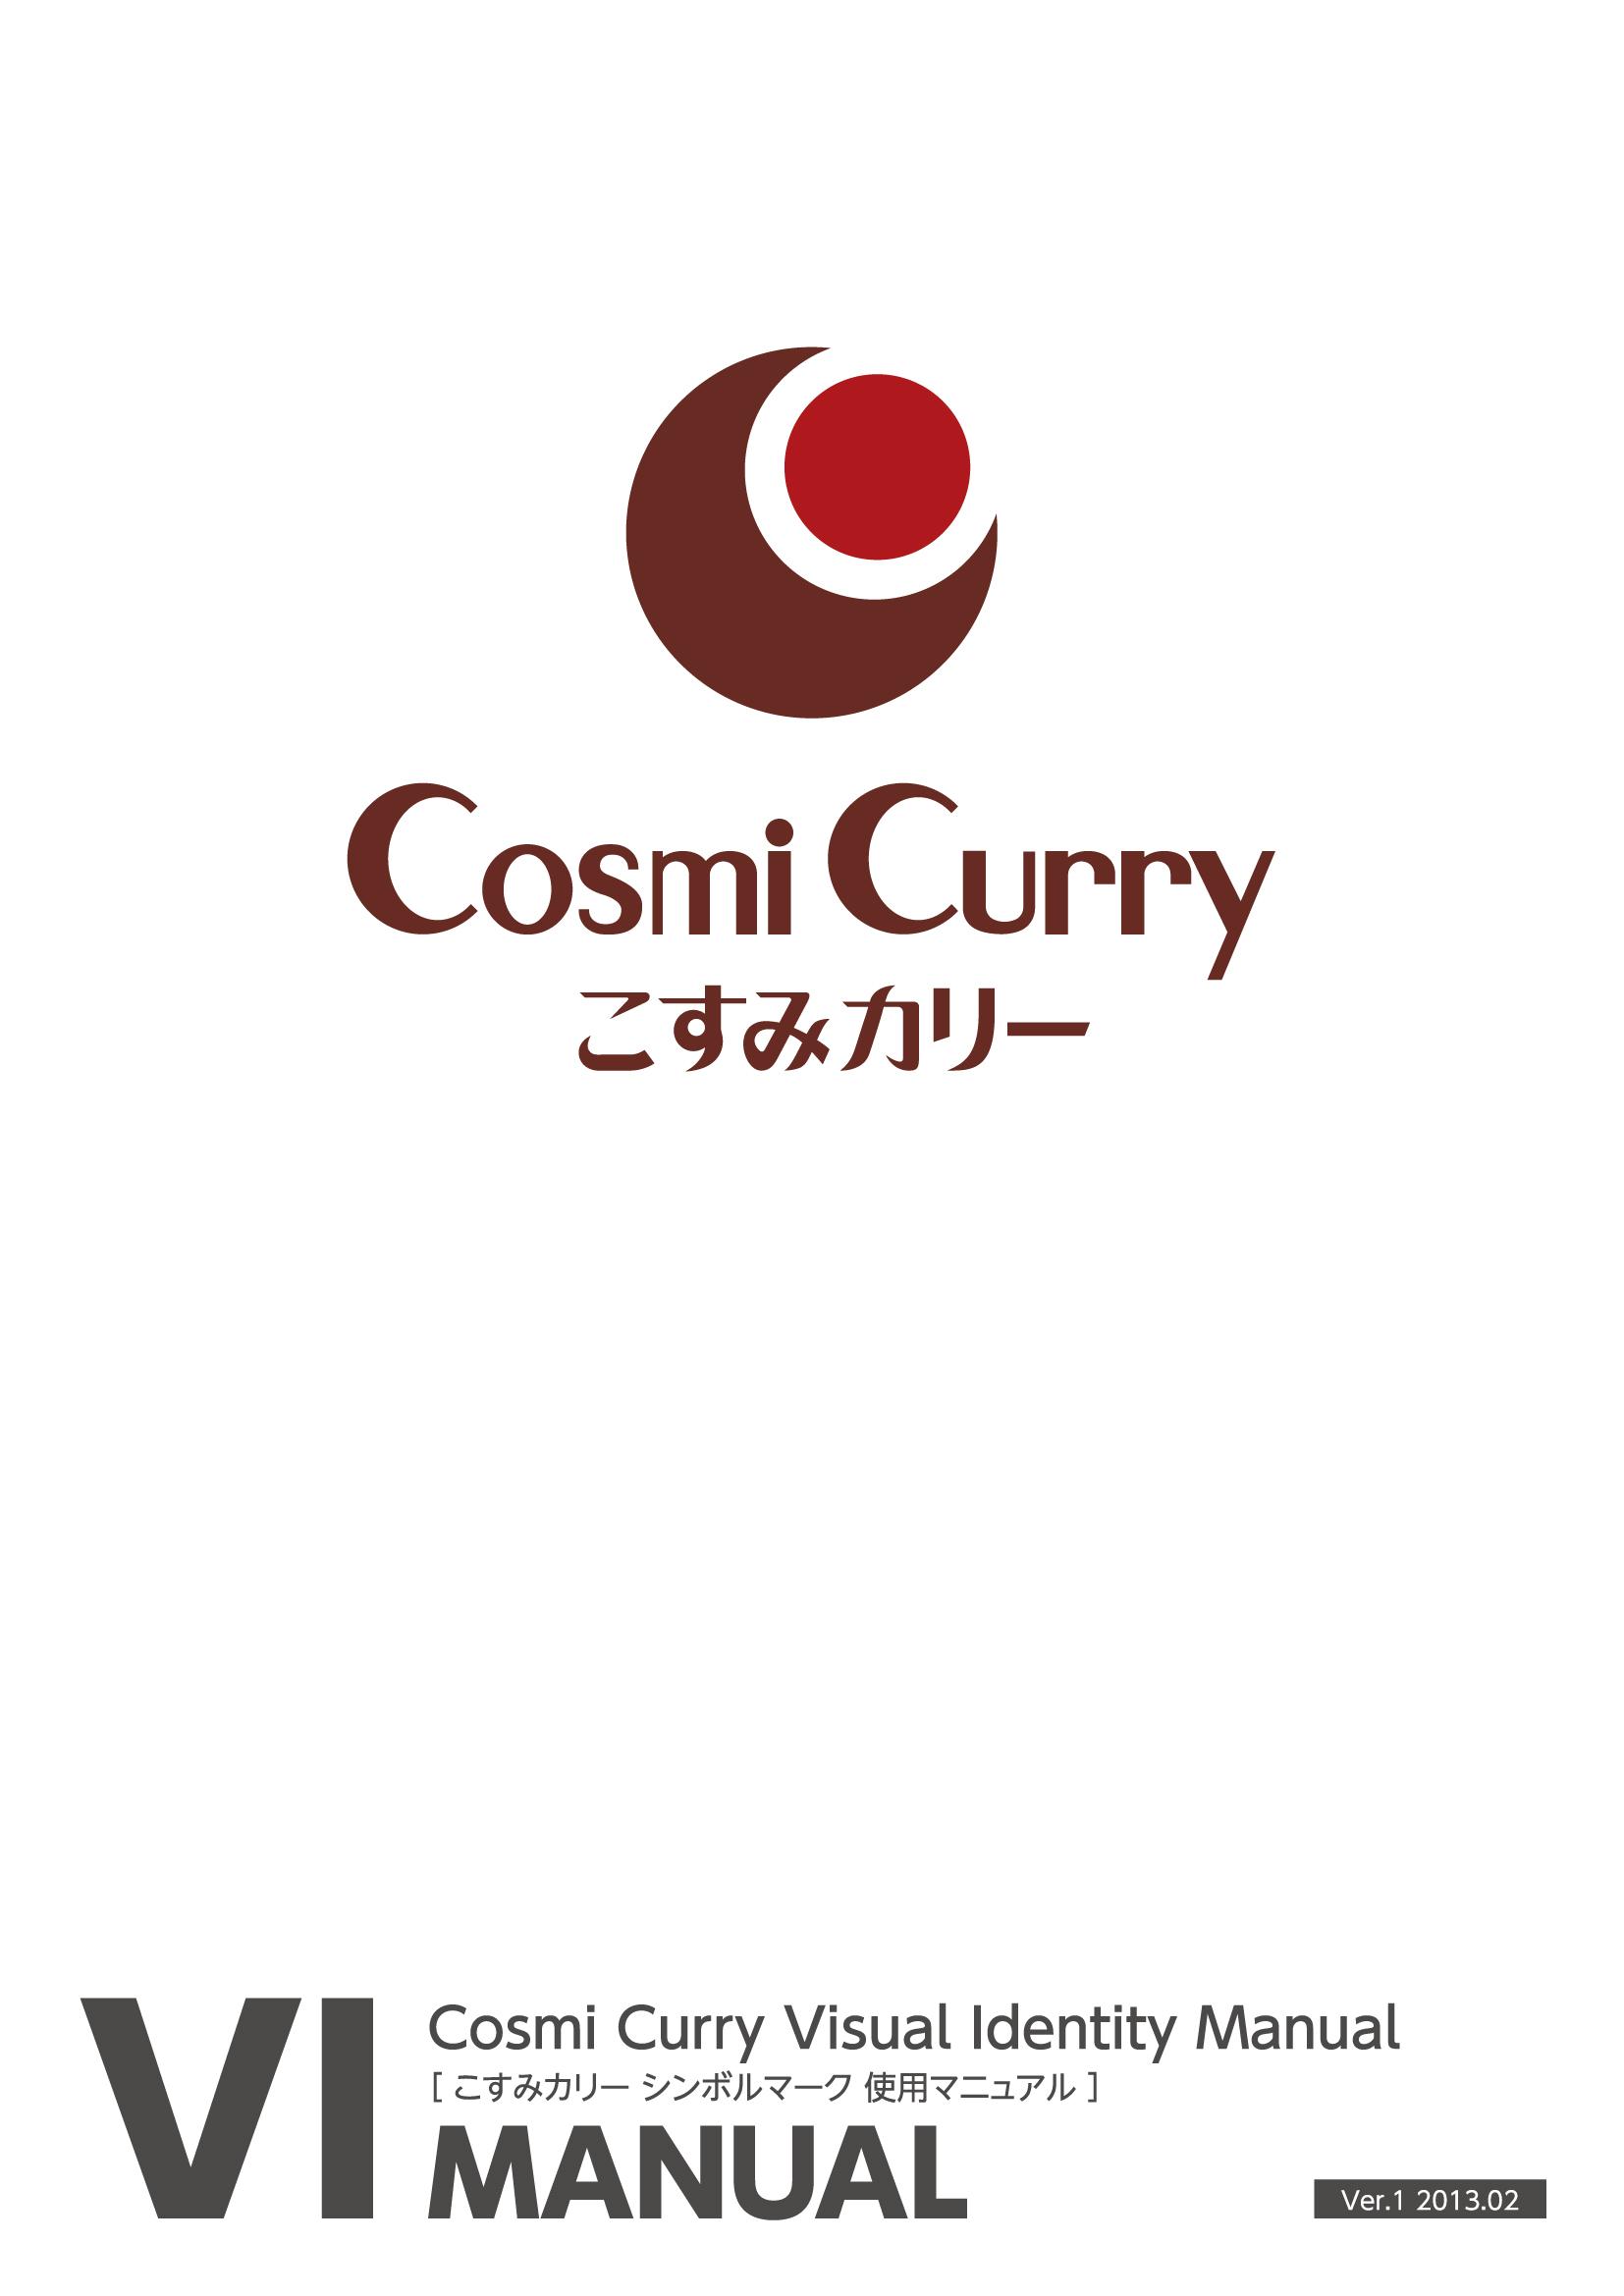 カレー_ブランド_ロゴデザイン VIマニュアル1